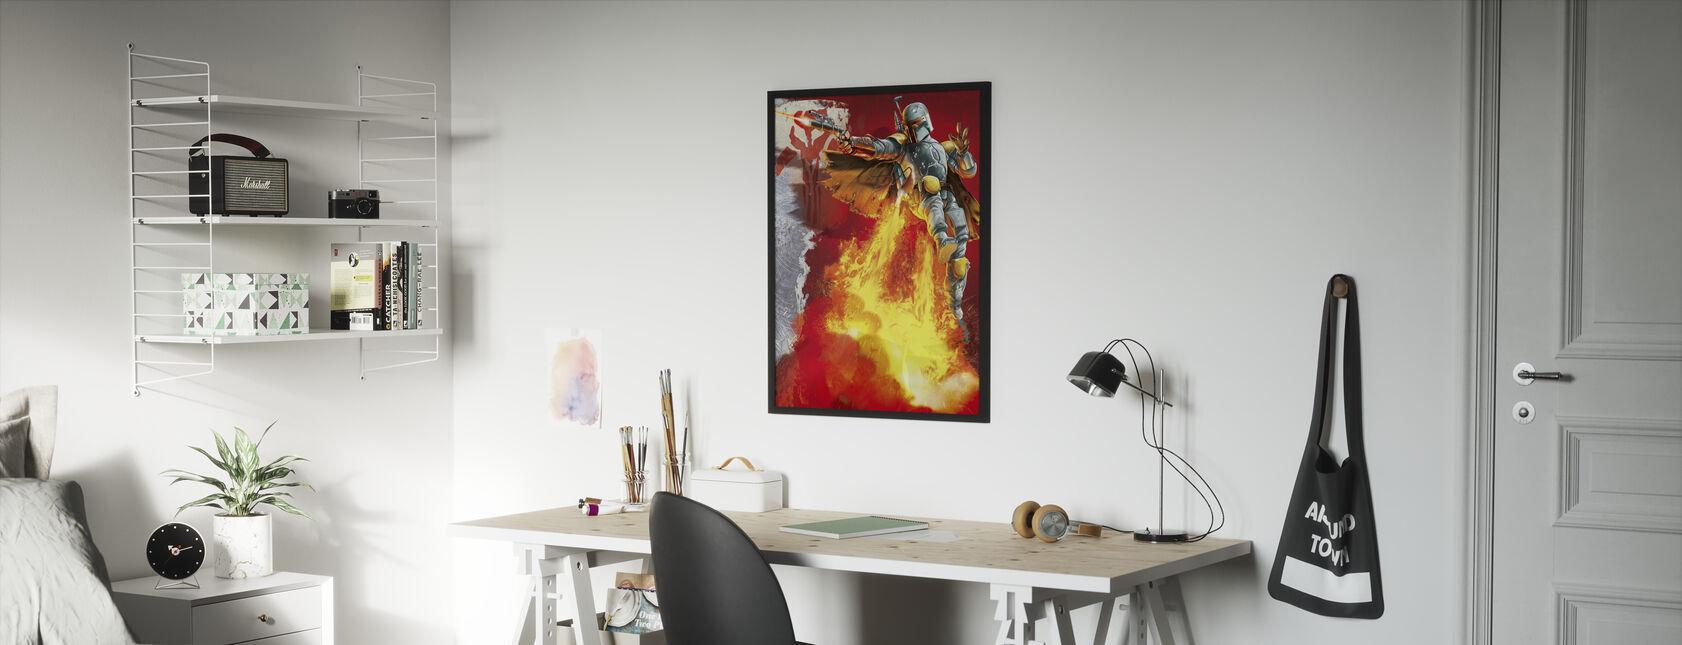 Tähtien sota - Boba Fett jetpack - Kehystetty kuva - Lastenhuone